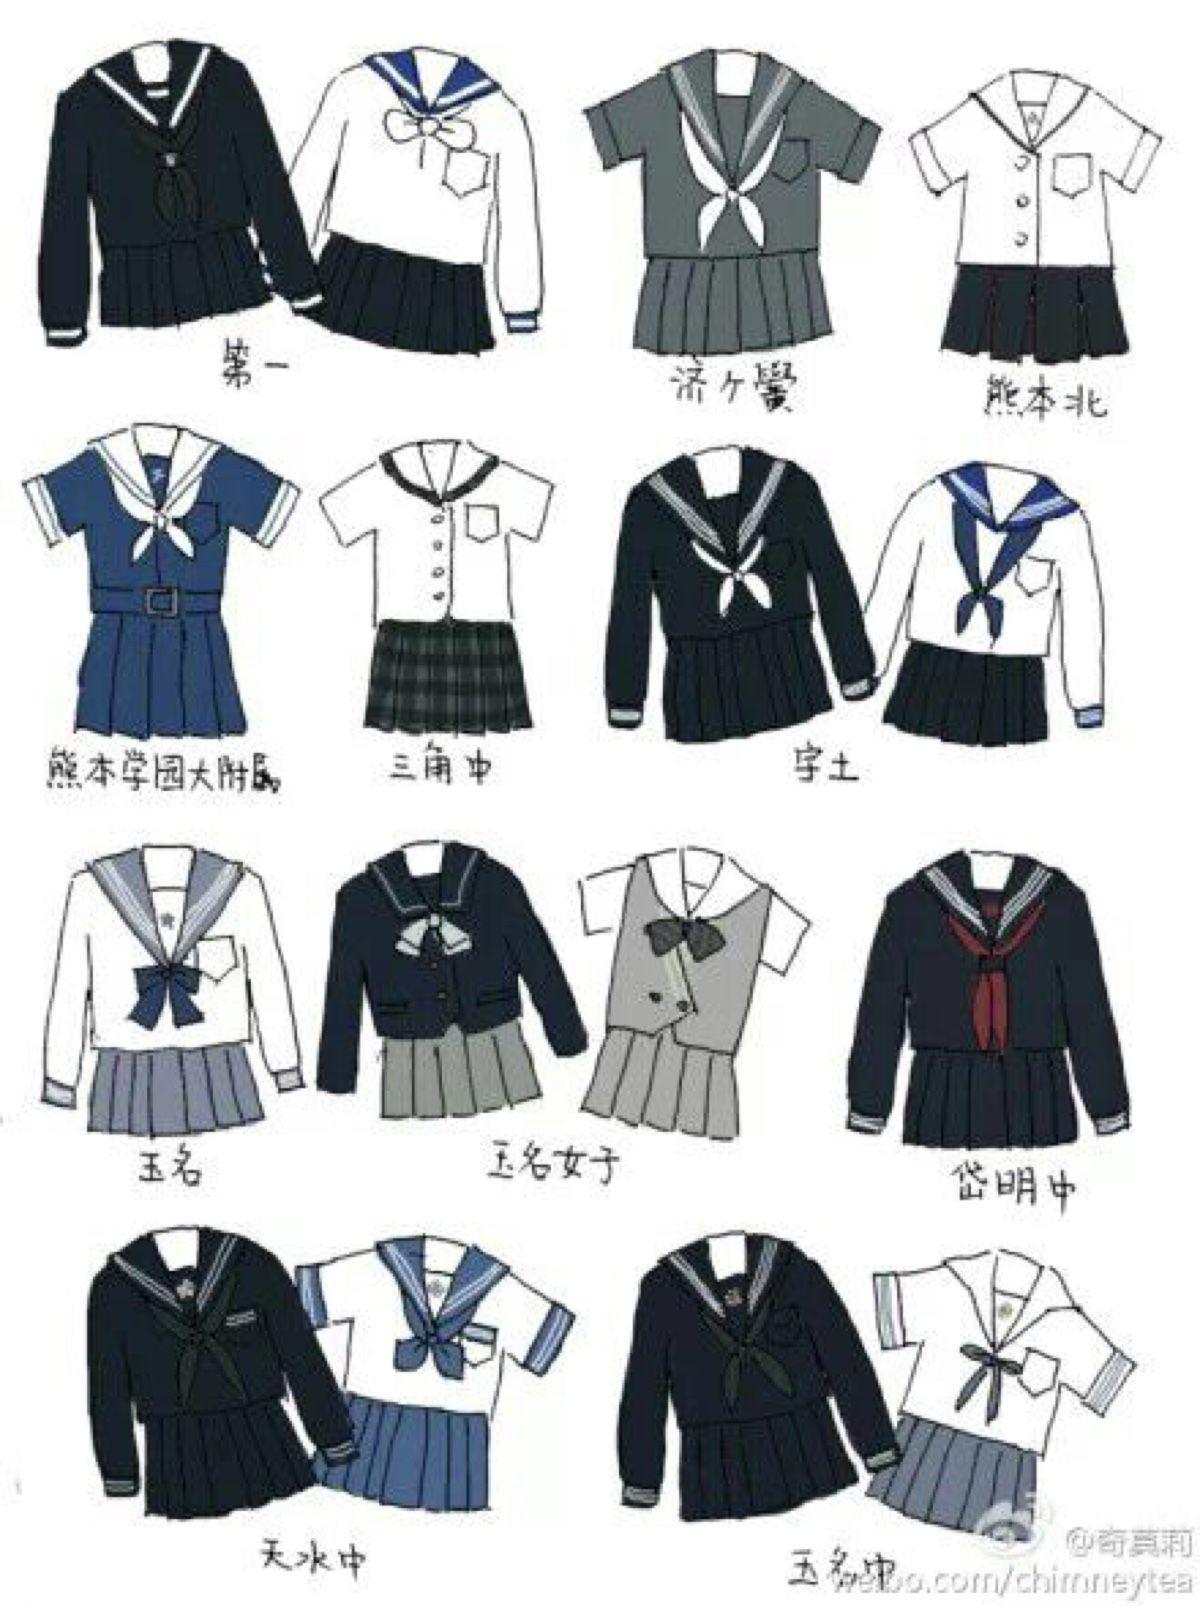 堆糖 发现生活 收集美好 分享图片 Art Clothes Anime Outfits